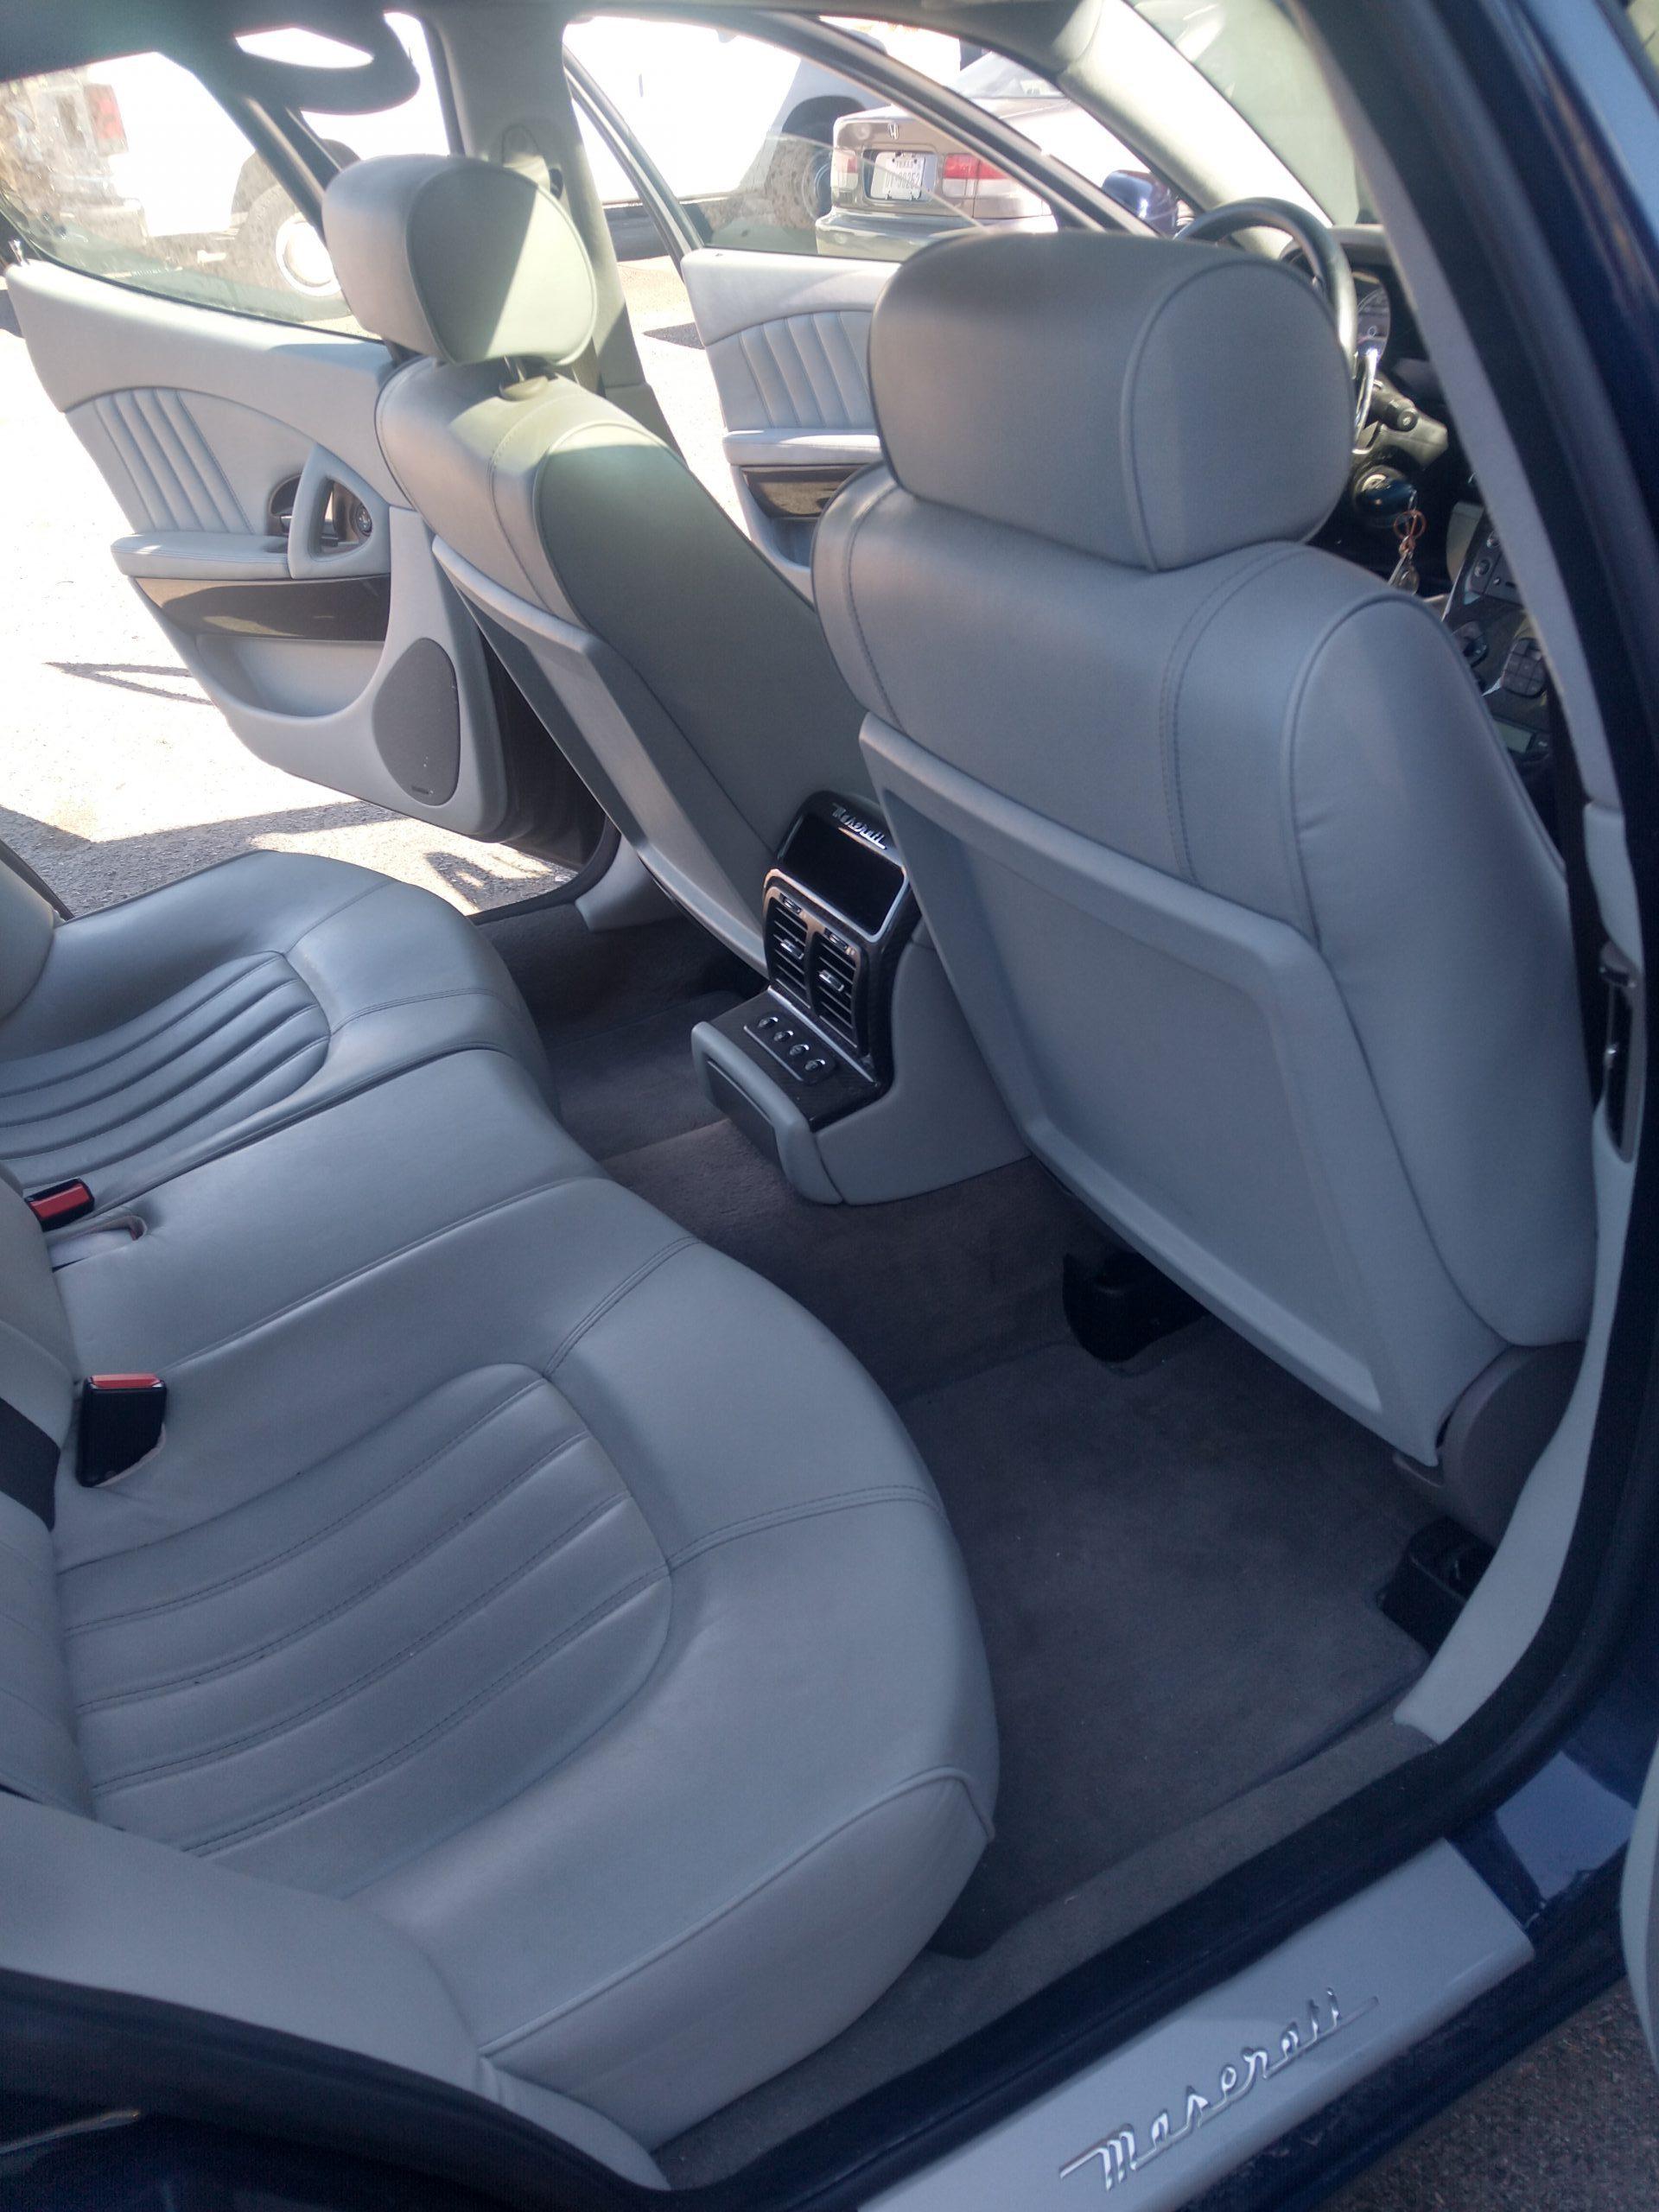 Maserati Quattroporte rear seat